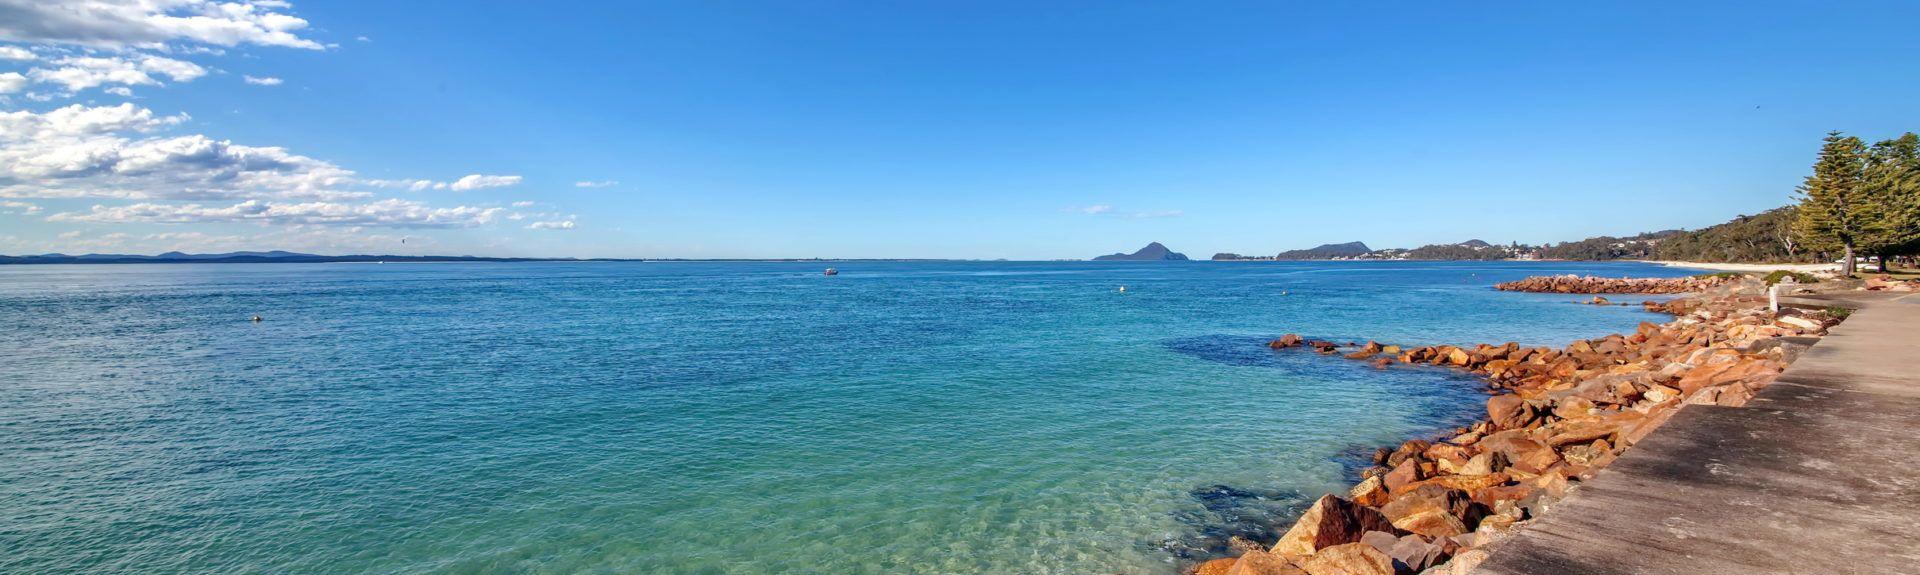 Swan Bay NSW, Australia